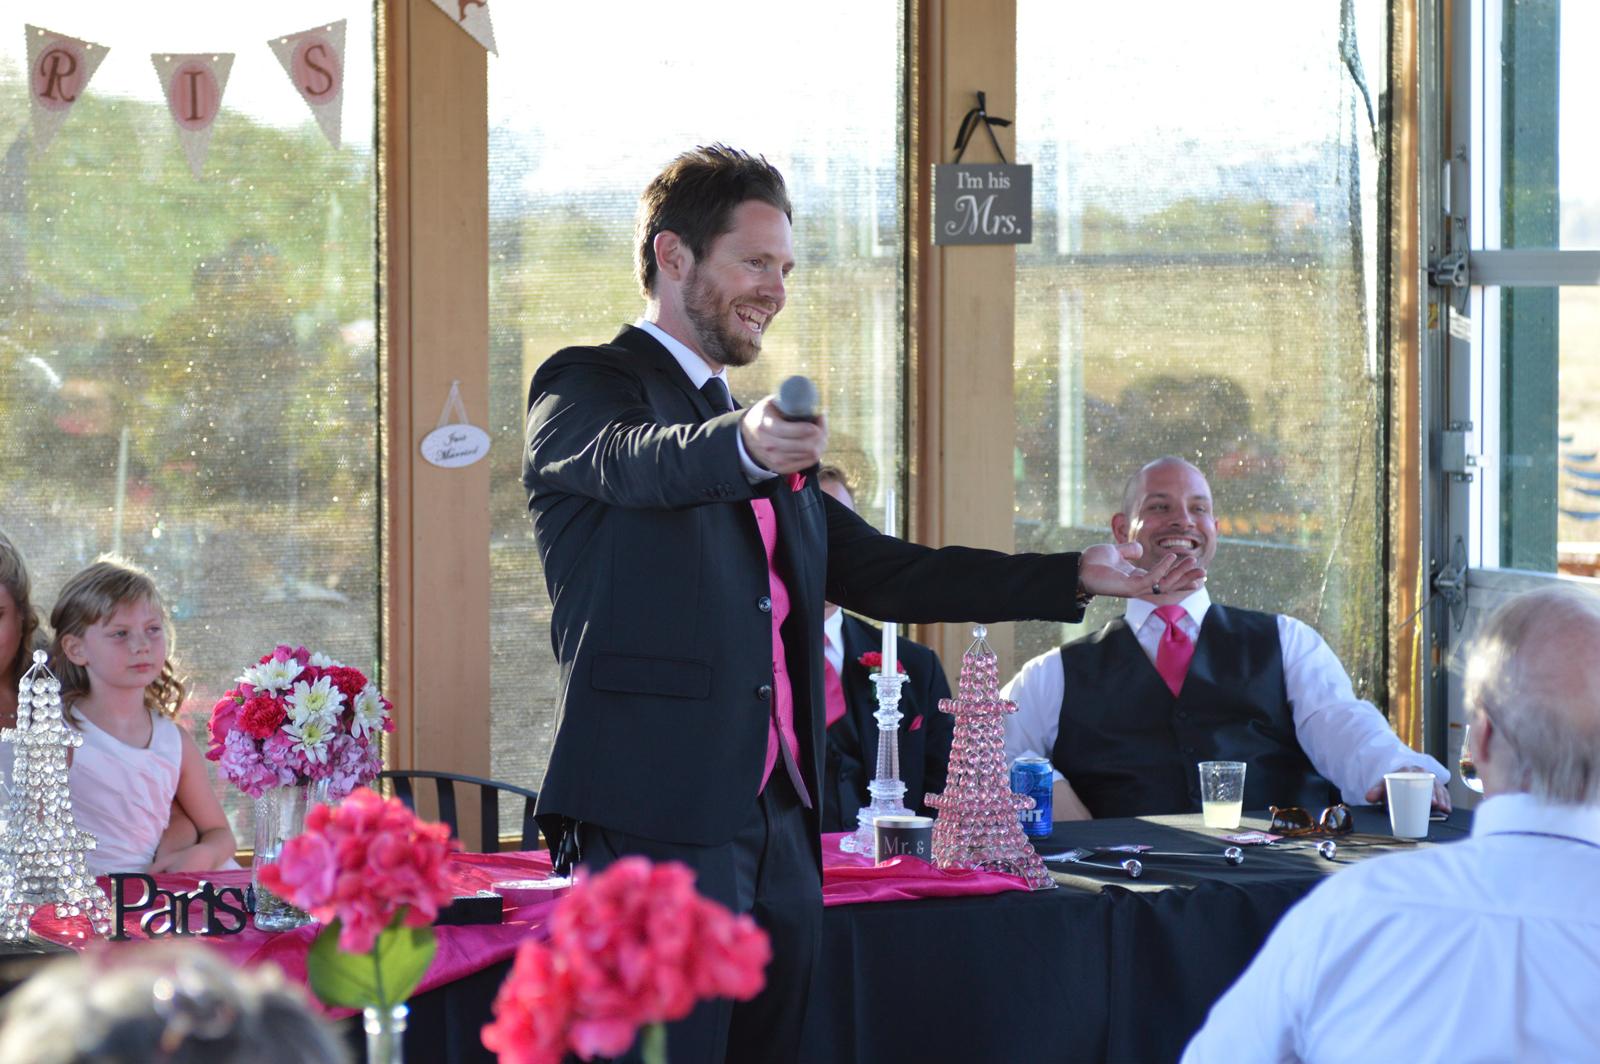 wedding-photography-vancouver-washington-groom-wedding-speech